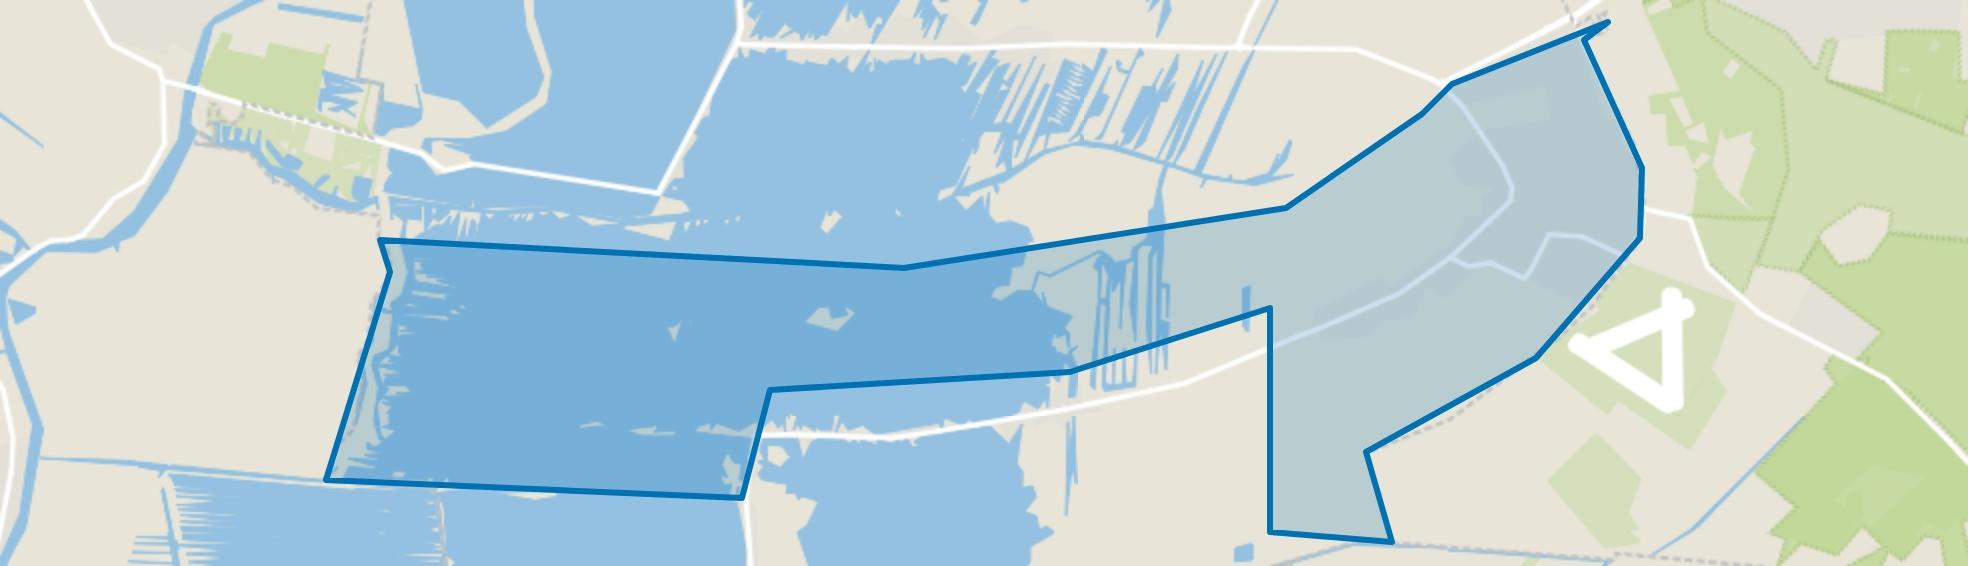 Nieuw-Loosdrechtsedijk, Loosdrecht map